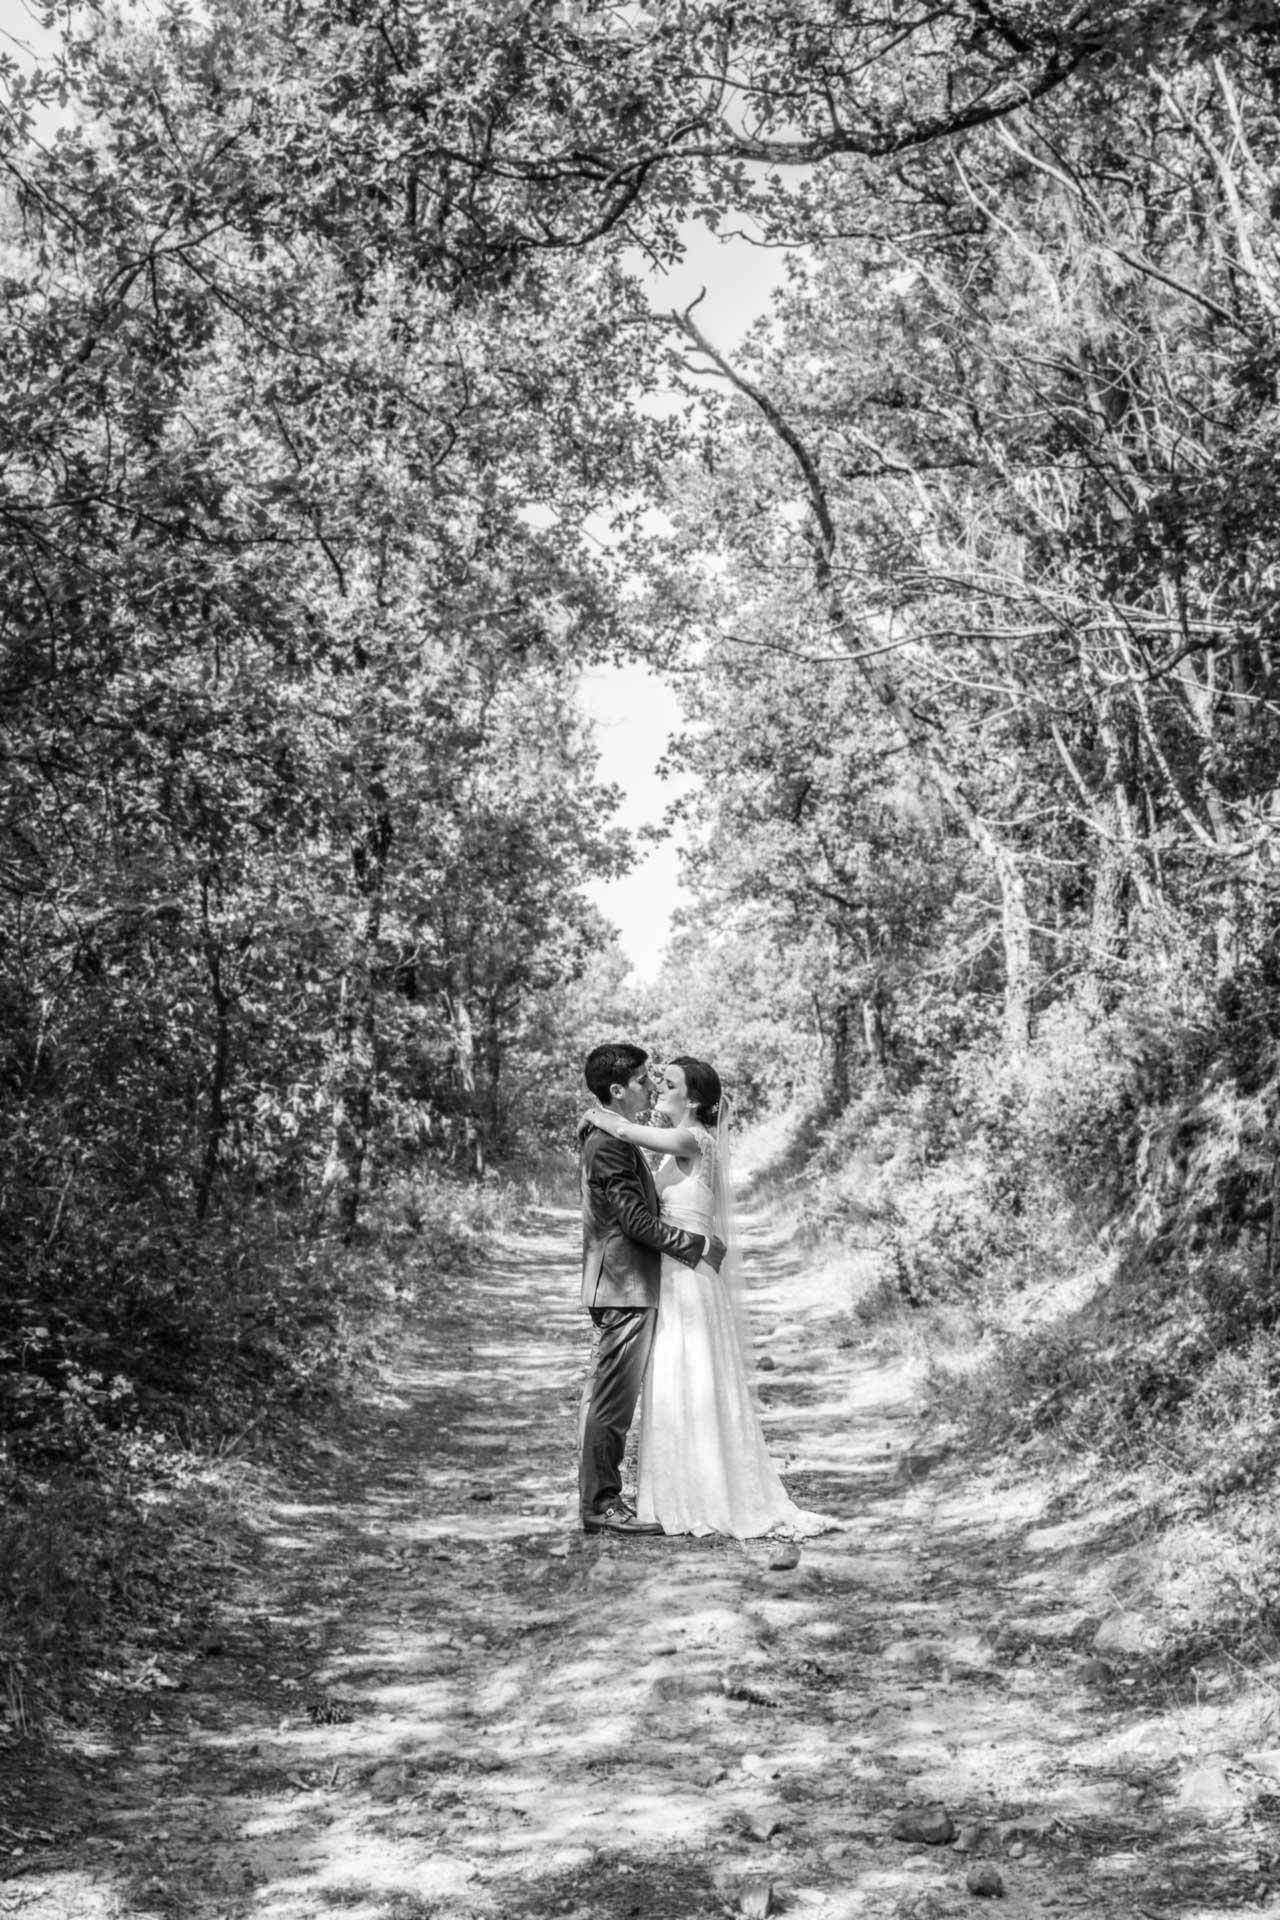 Les mariés s'embrassent dans une allée de forêt.